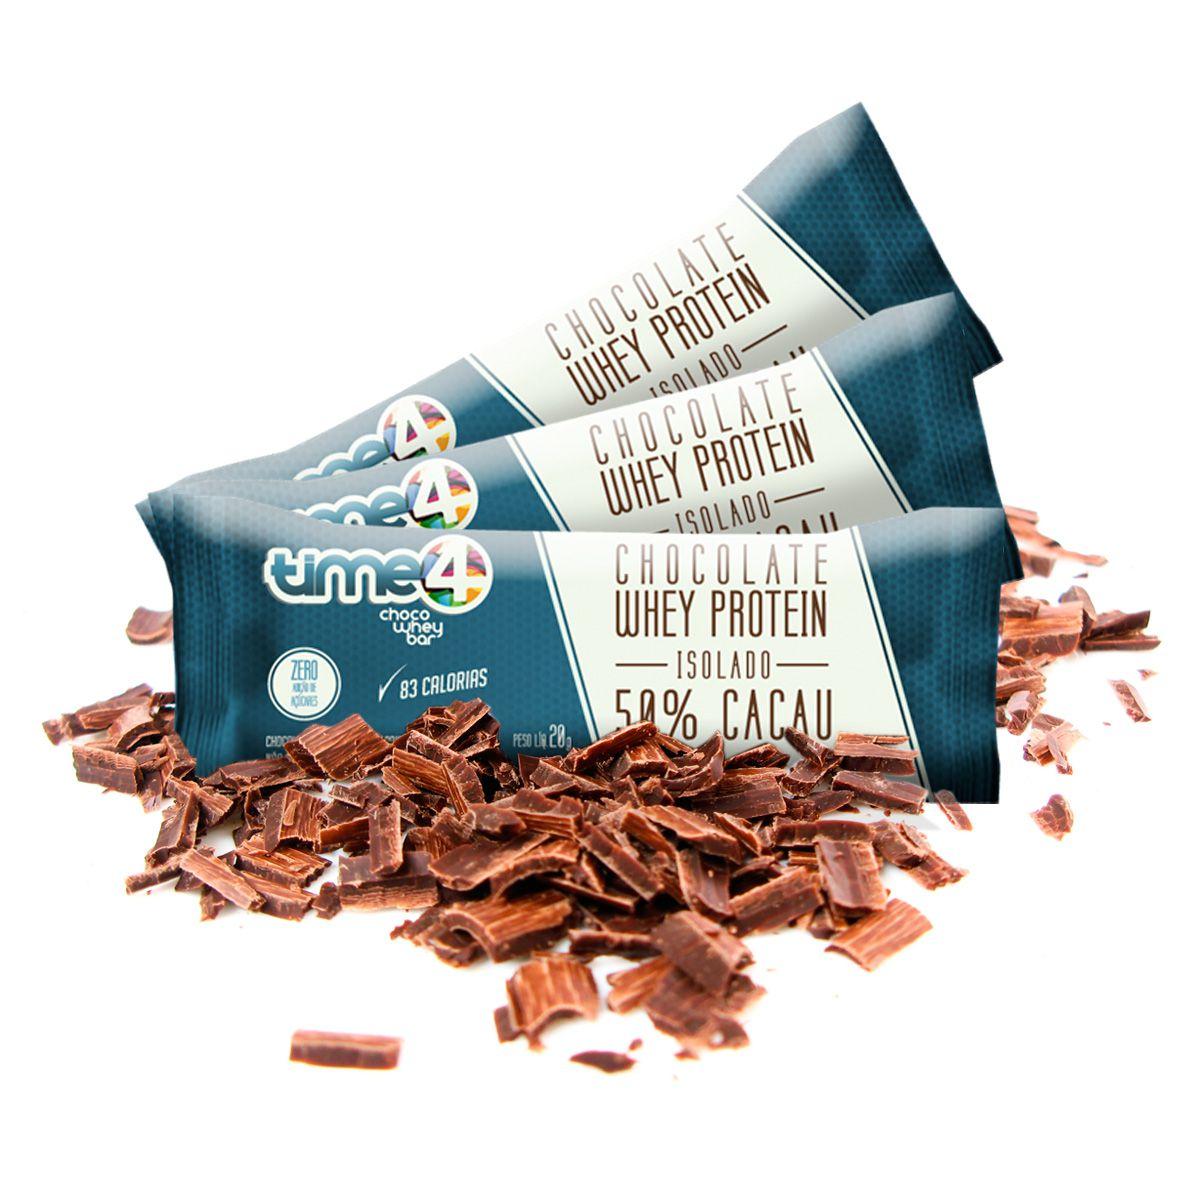 Choco Whey 50% Cacau - 10 unidades.